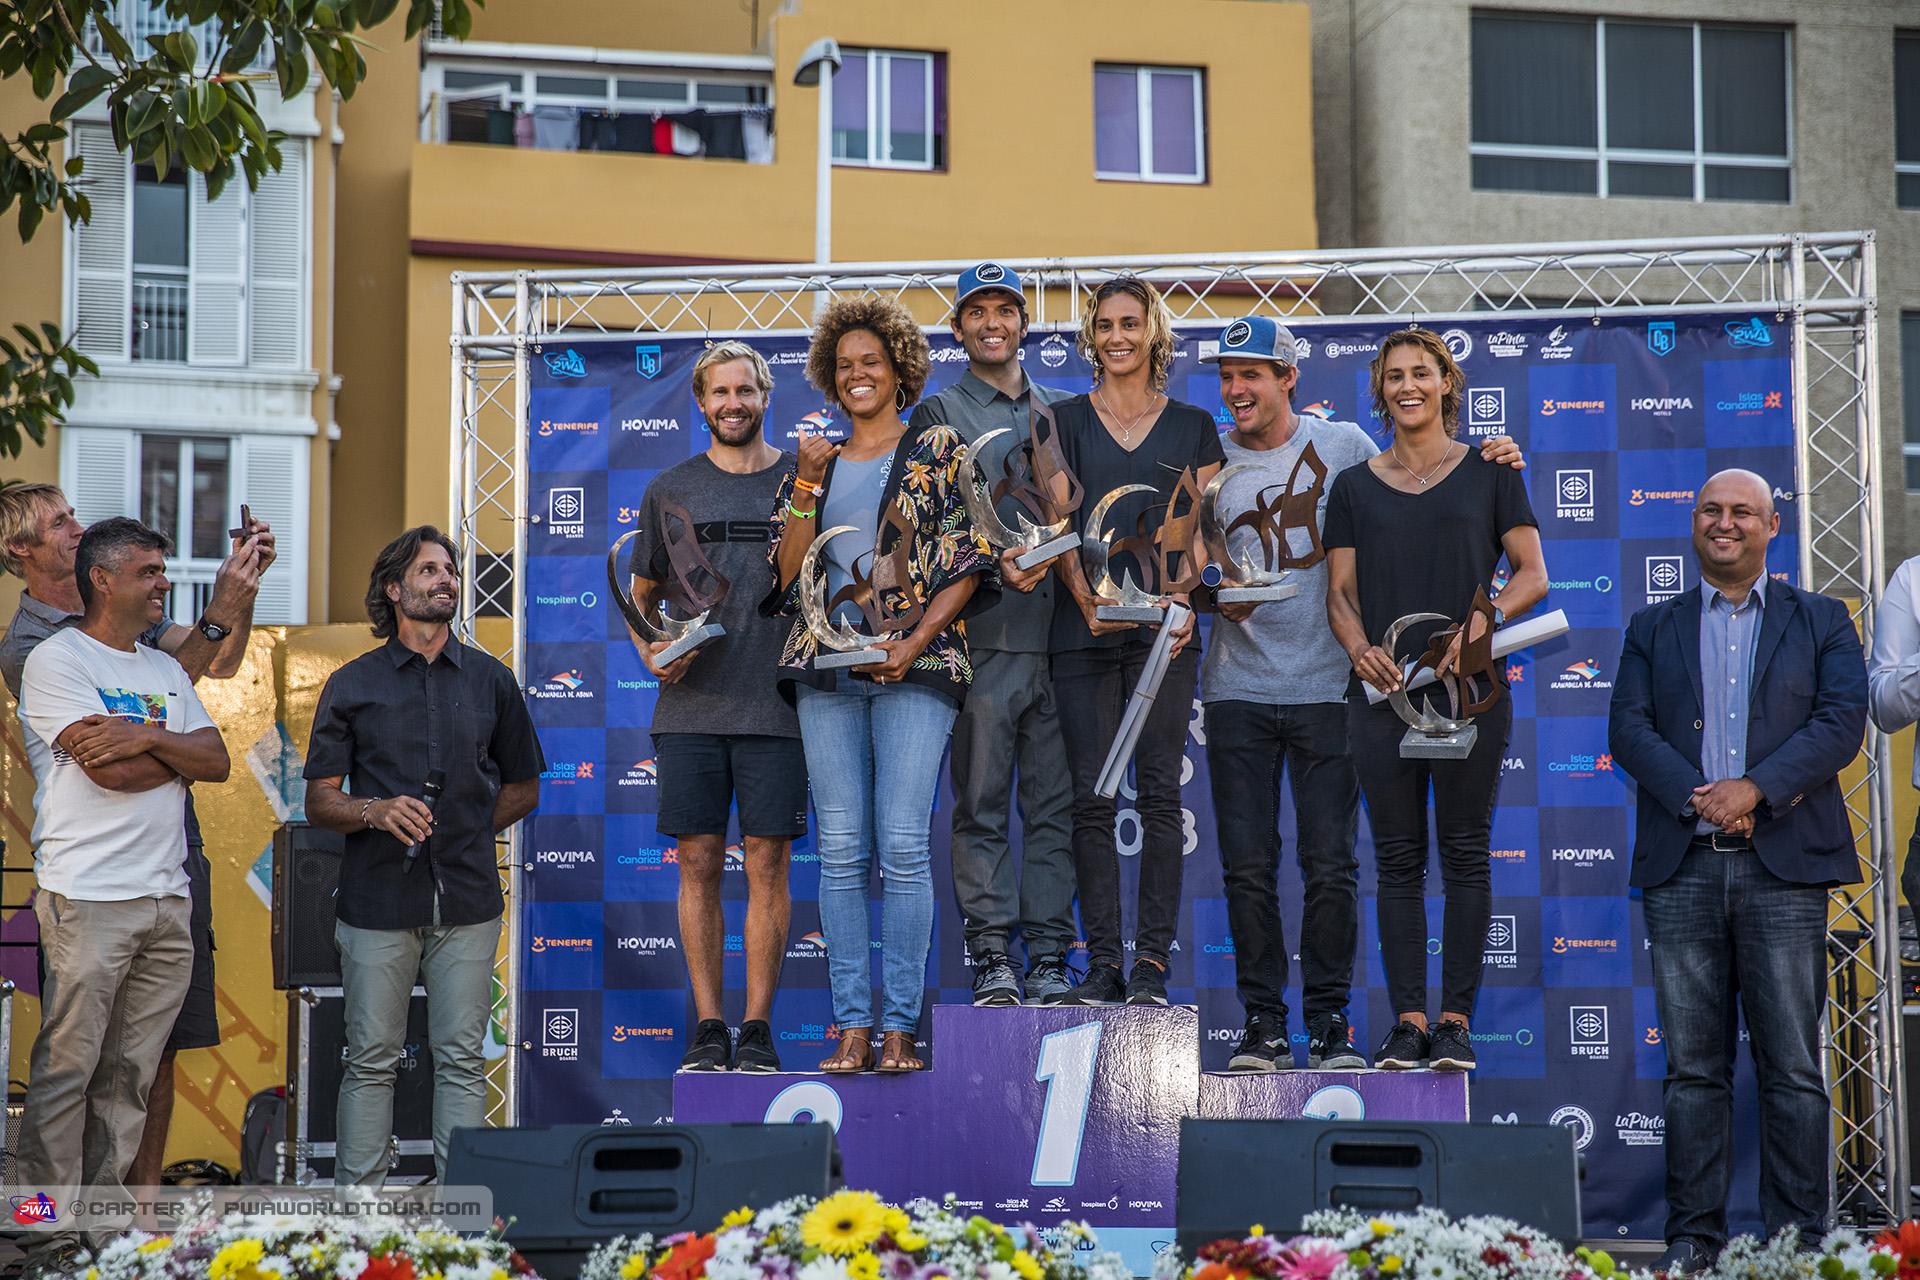 TF18_ls_All_the_winners.jpg